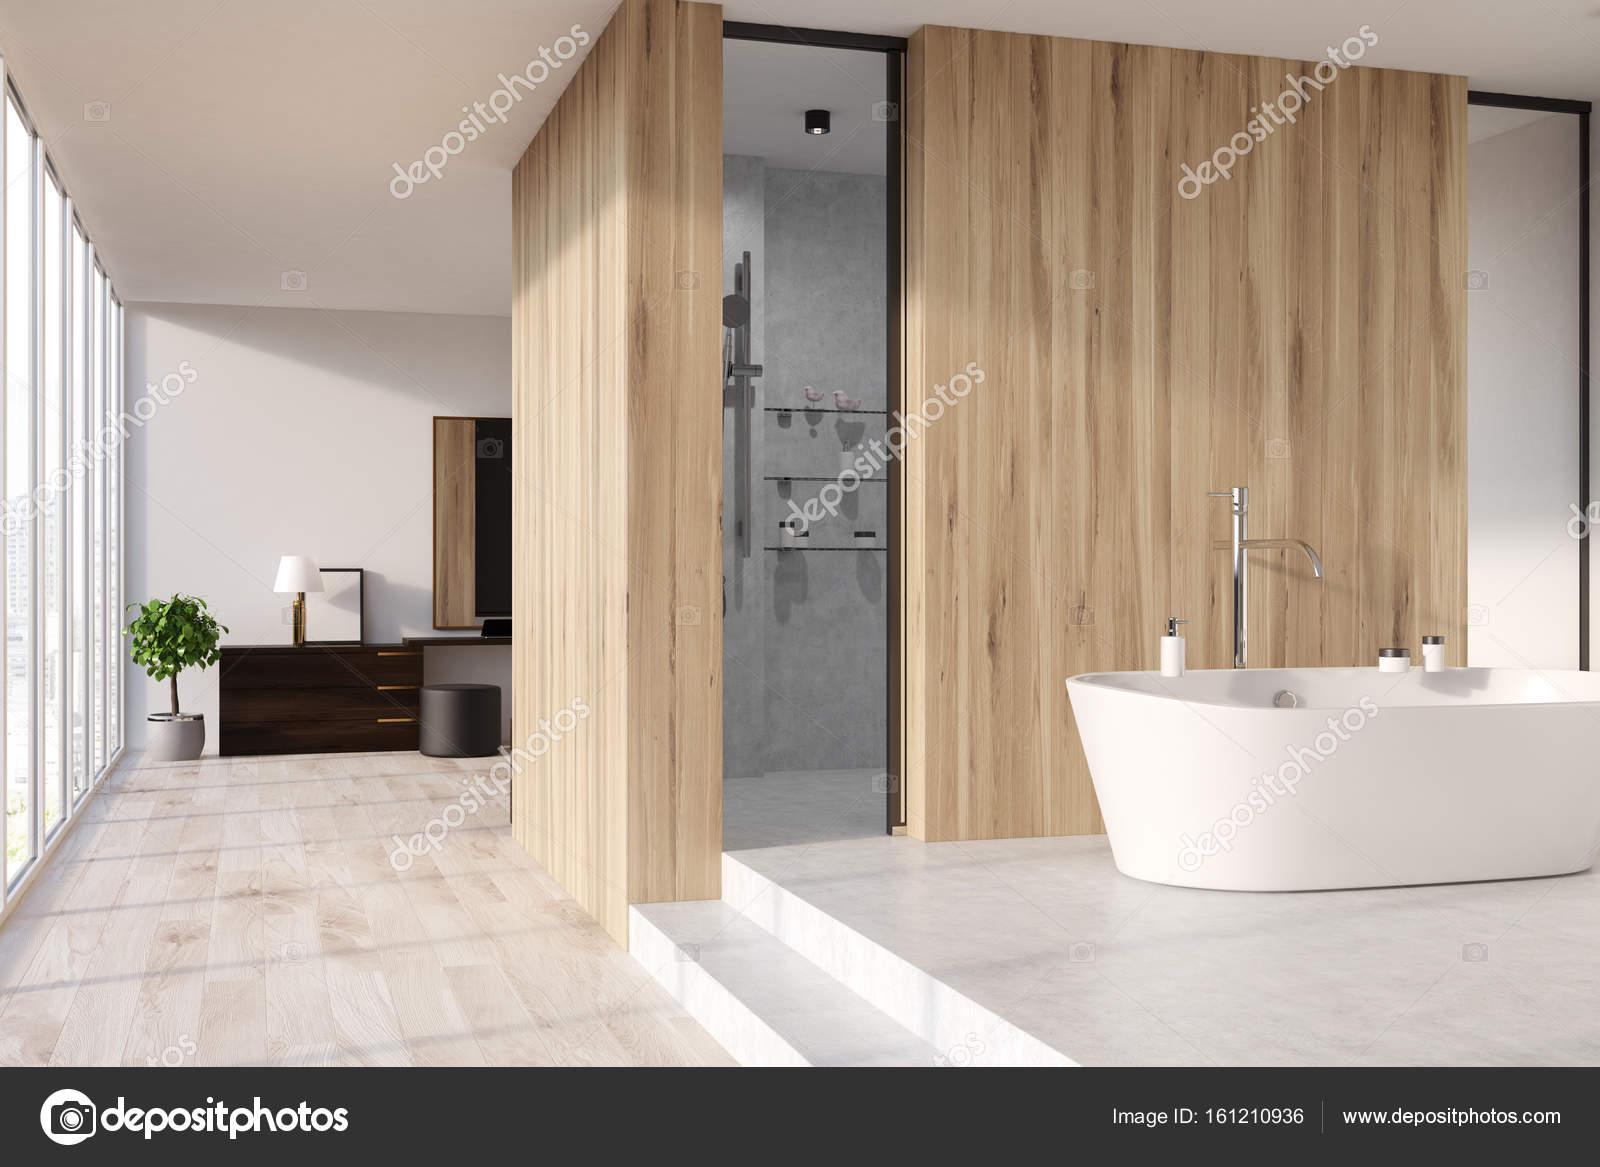 Aus Holz Bad, Dusche, Badewanne U2014 Stockfoto